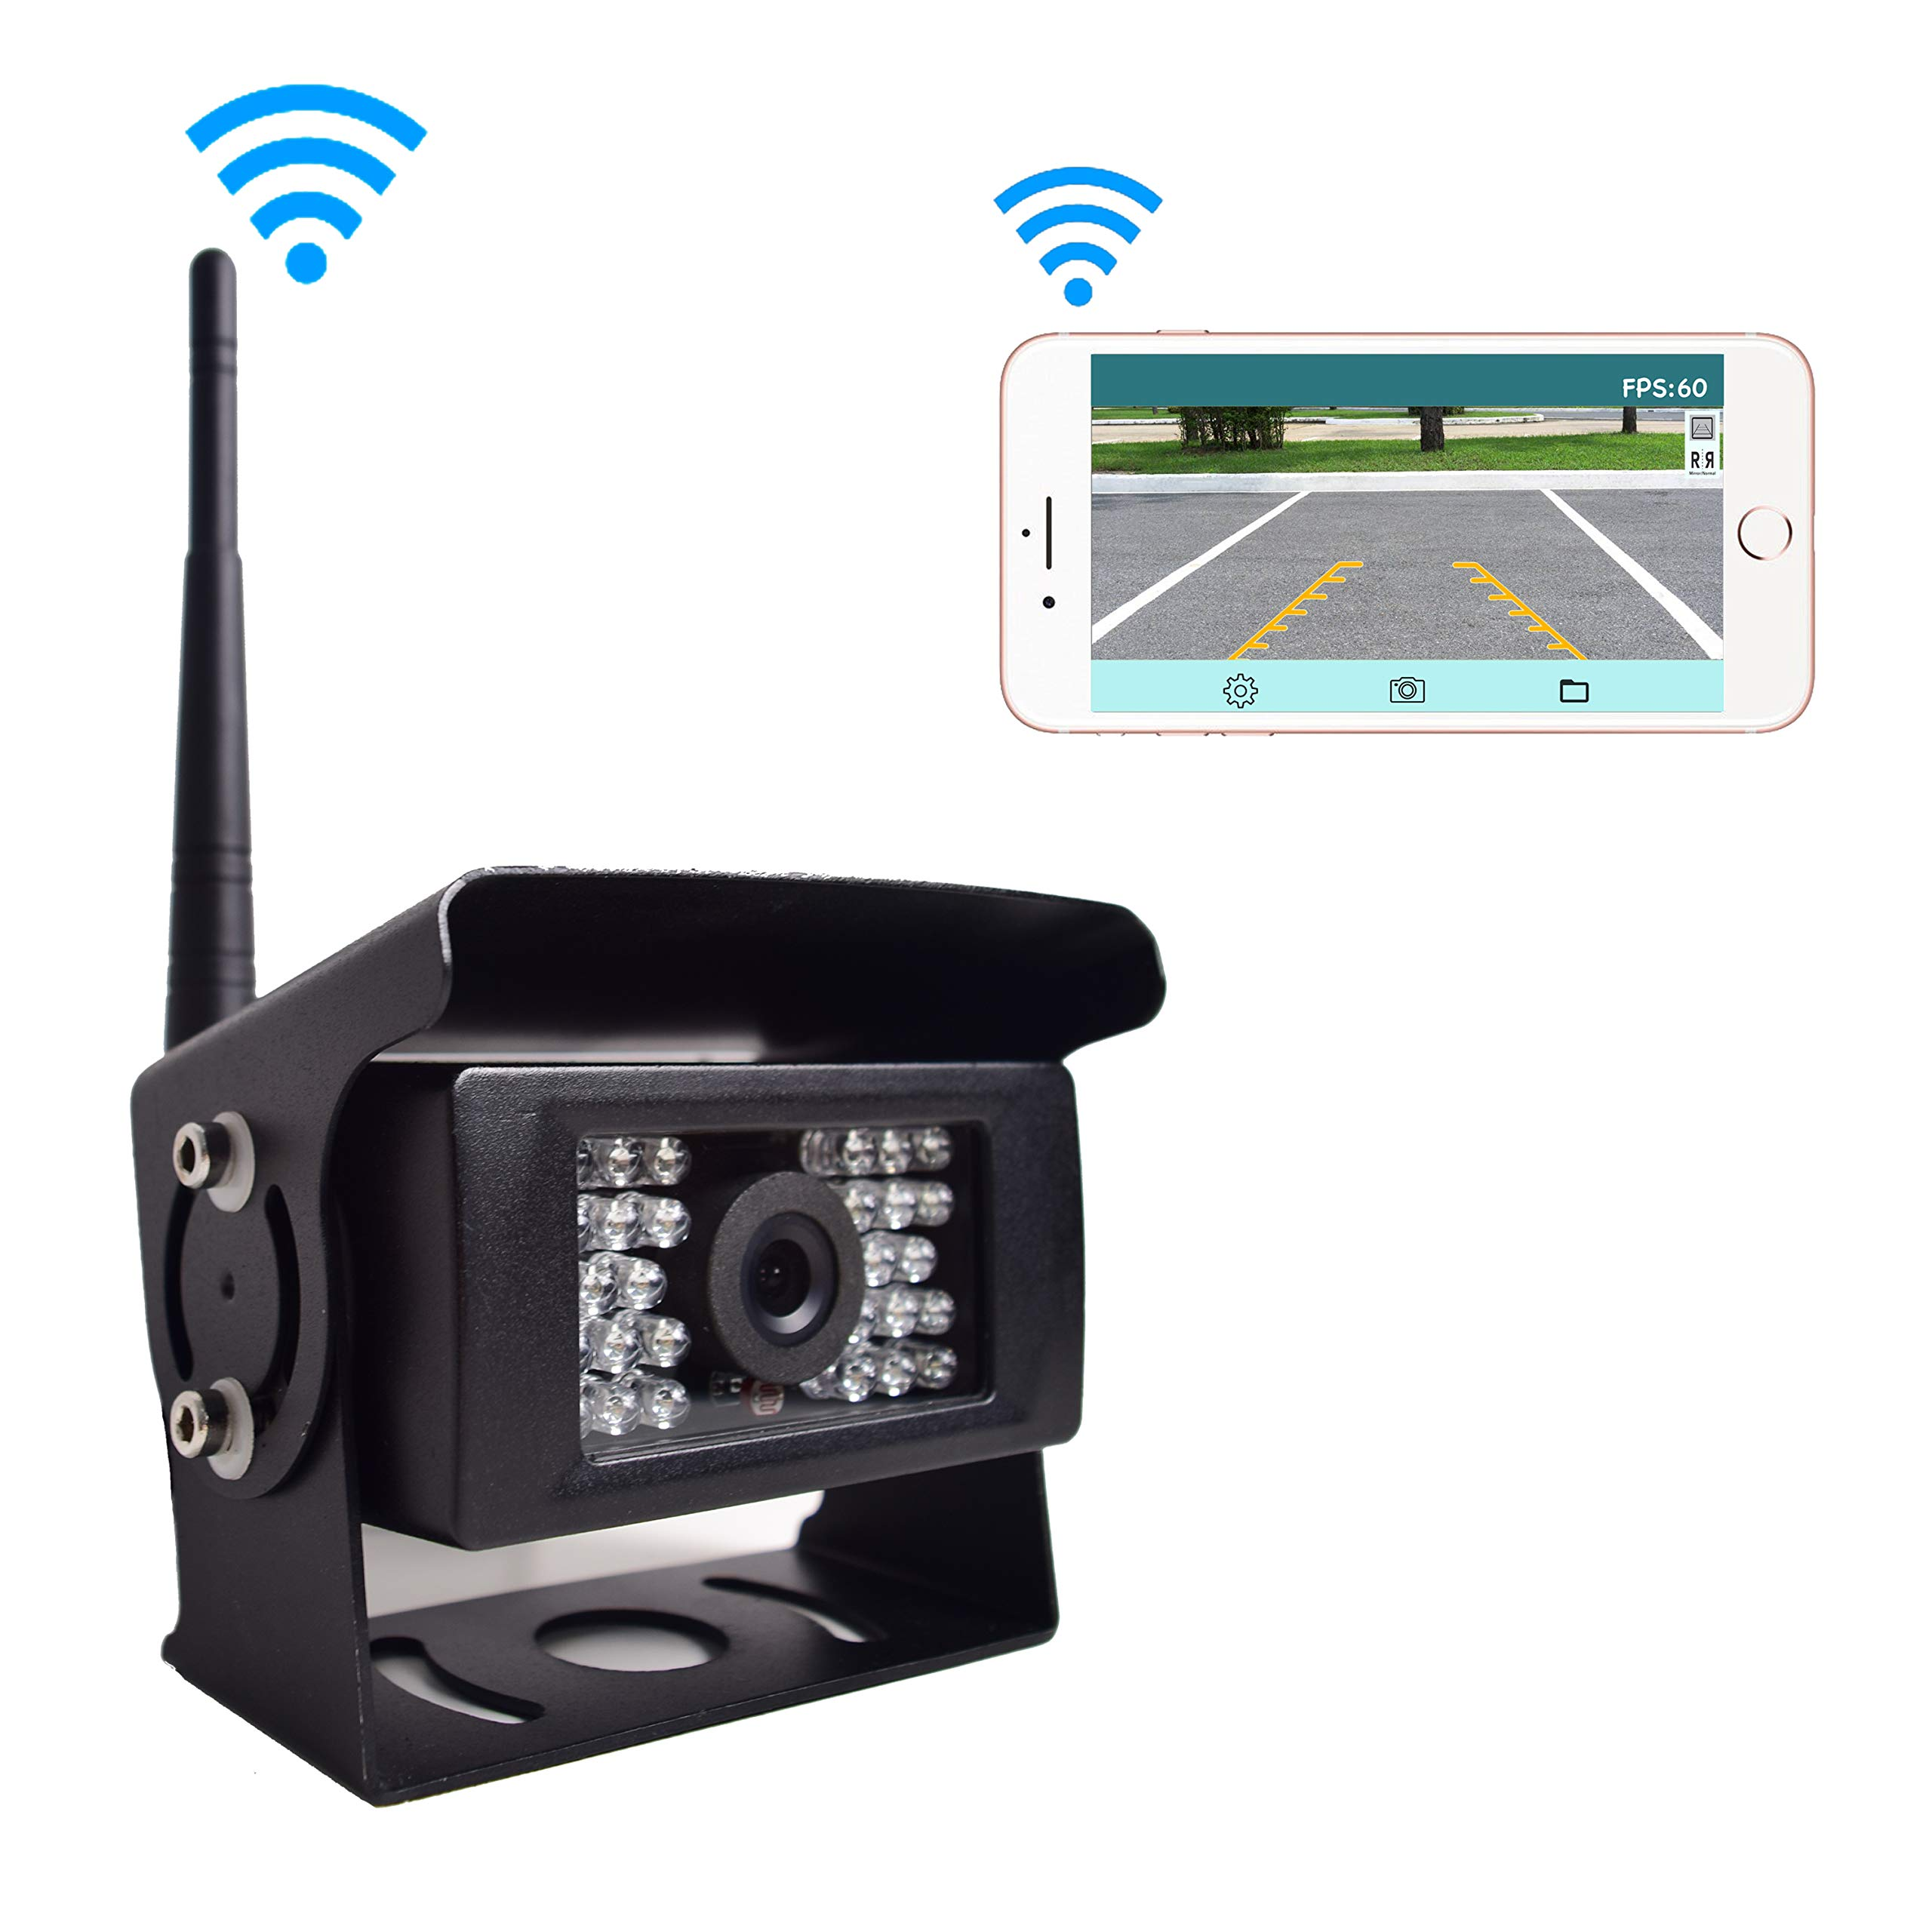 Digital WiFi Caméra de Recul, 12V-24V Caméra de Recul Voiture sans Fil Etanche IP69K, Compatible avec iPhone Android Smartphone Tablette, Transmission Distance Jusqu'à 100FT pour Remorque VR Camions